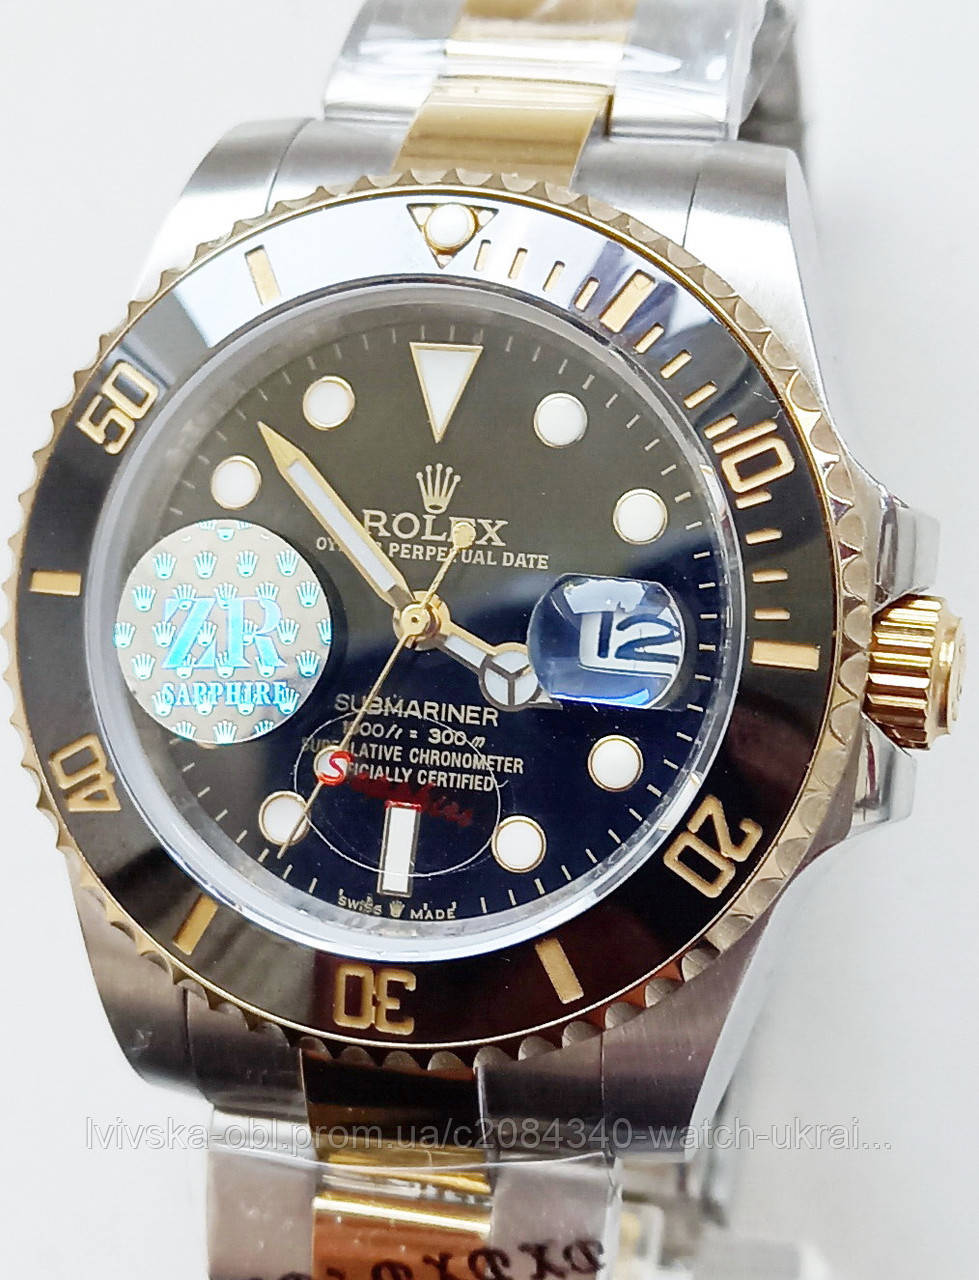 Годинник Rolex Submariner біколор.механіка.клас ААА